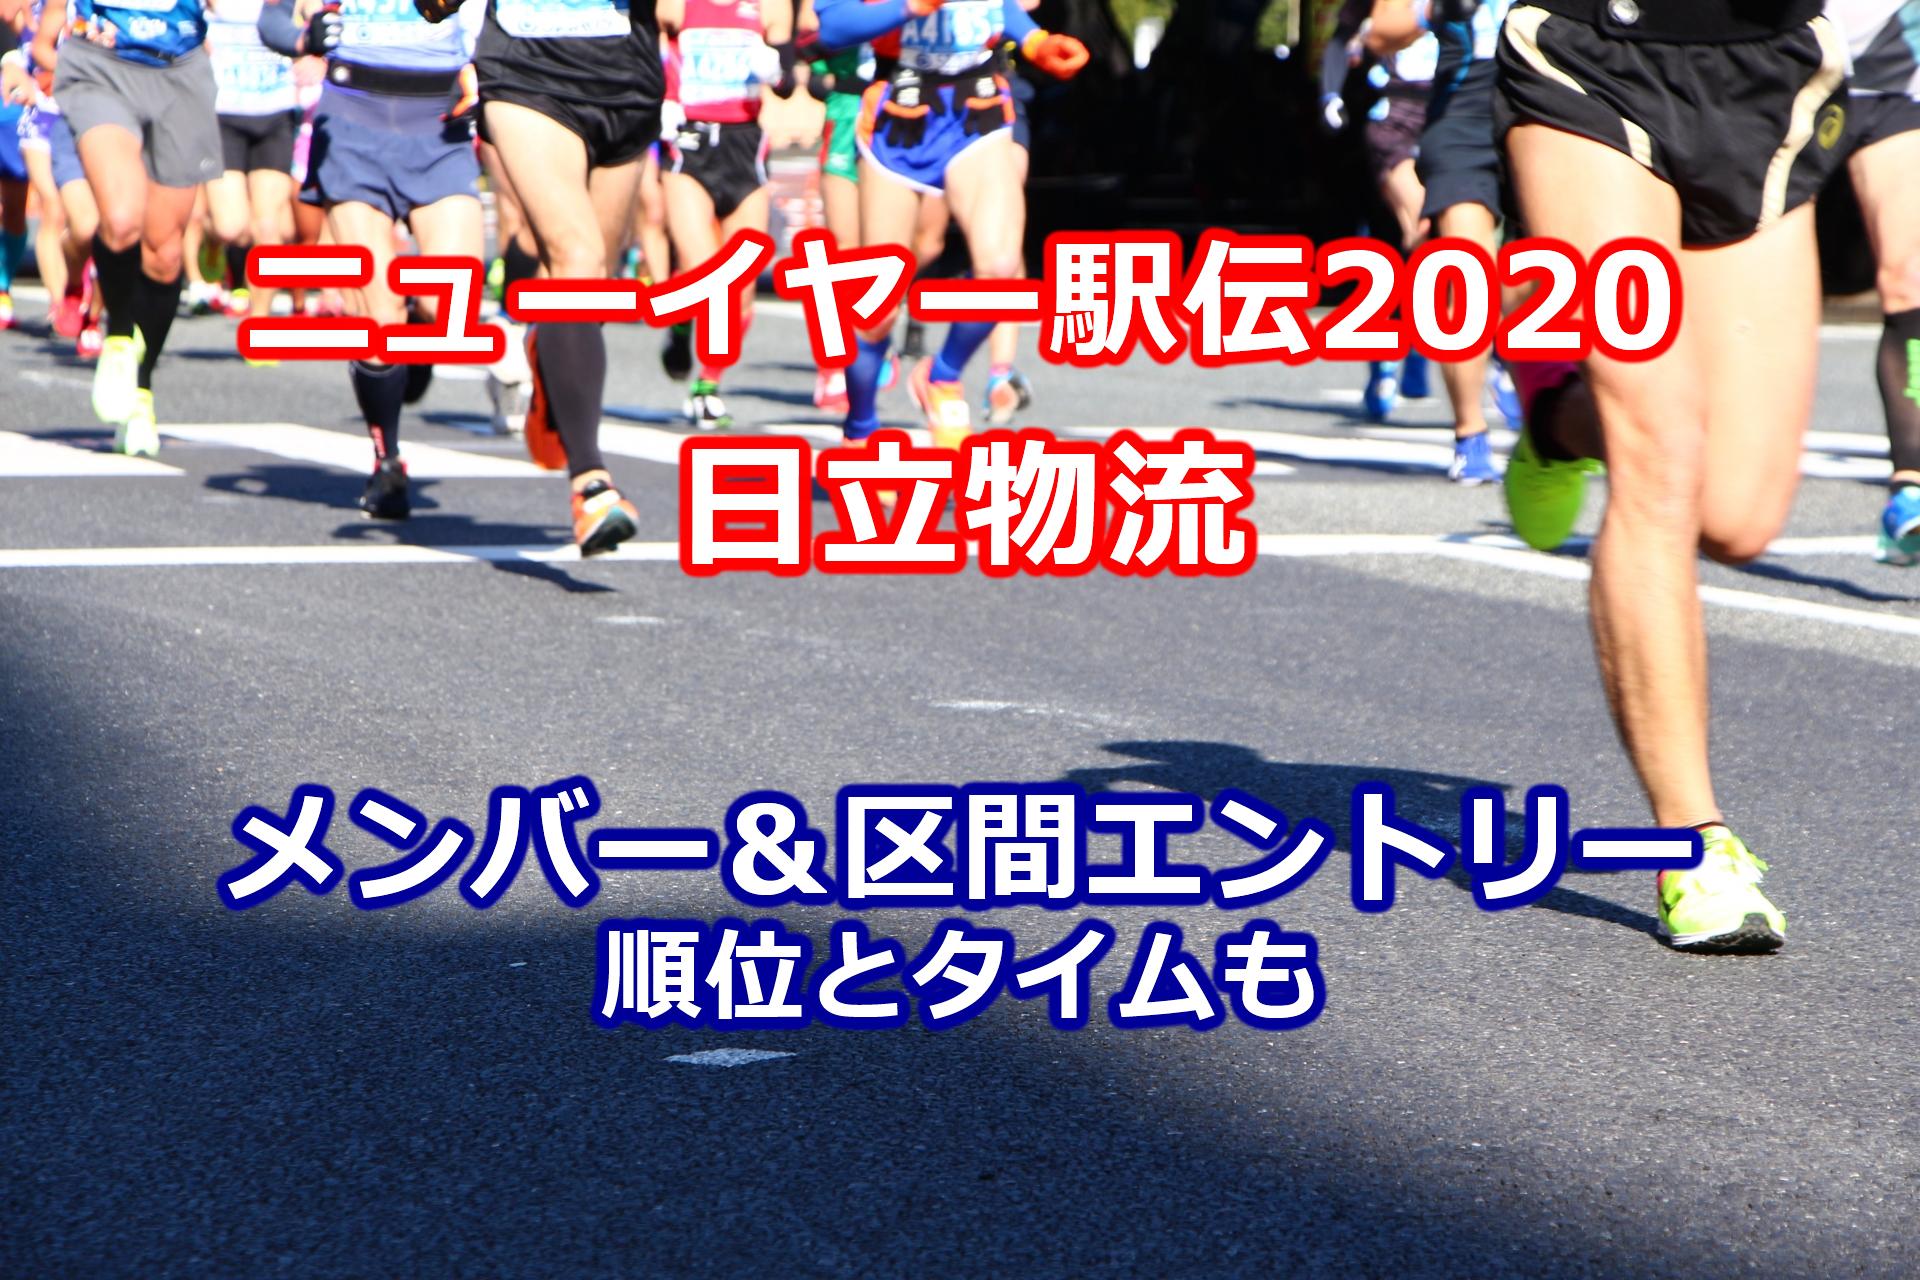 ニューイヤー駅伝2020日立物流メンバー・区間エントリー・結果・順位・タイムまとめ